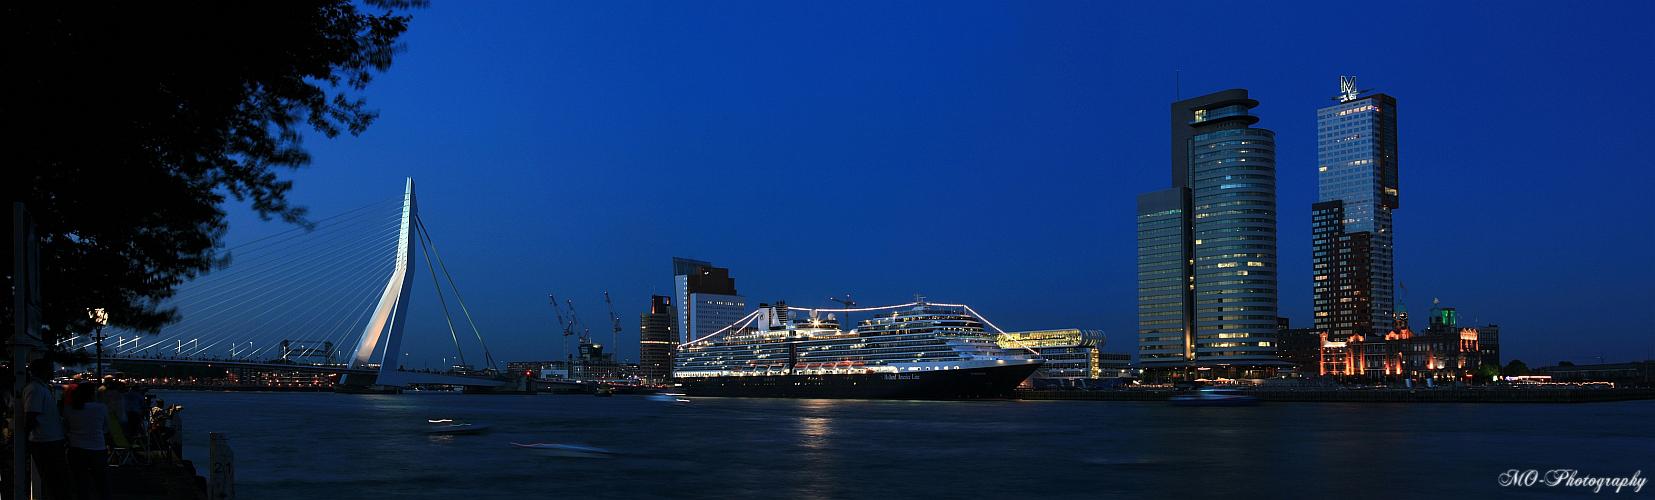 Eurodam Rotterdam